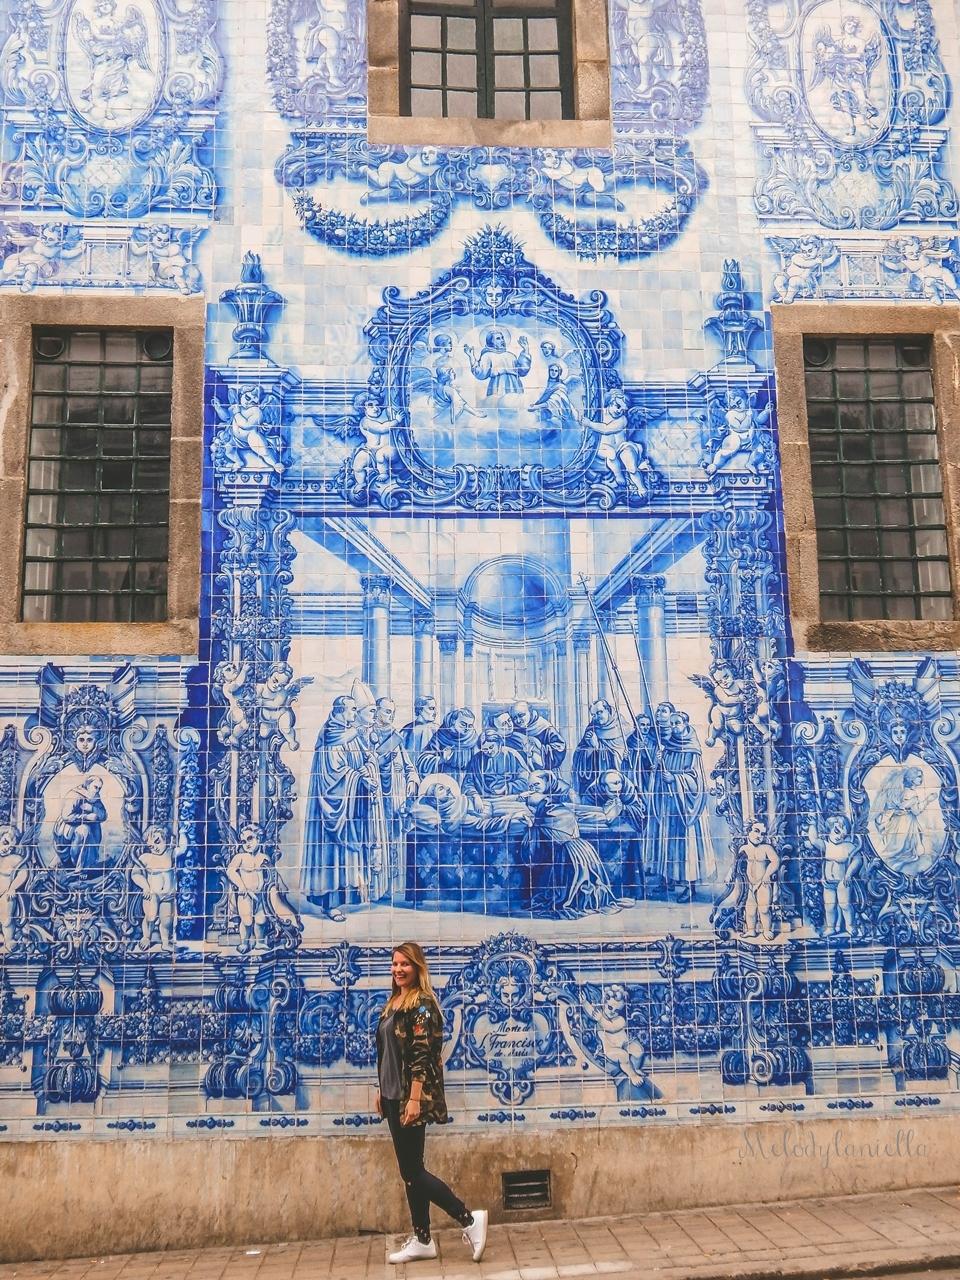 1b-2  co zobaczyć w Porto w portugalii ciekawe miejsca musisz zobaczyć top miejsc w porto zabytki piękne uliczki miejsca godne zobaczenia blog podróżniczy portugalia melodylaniella